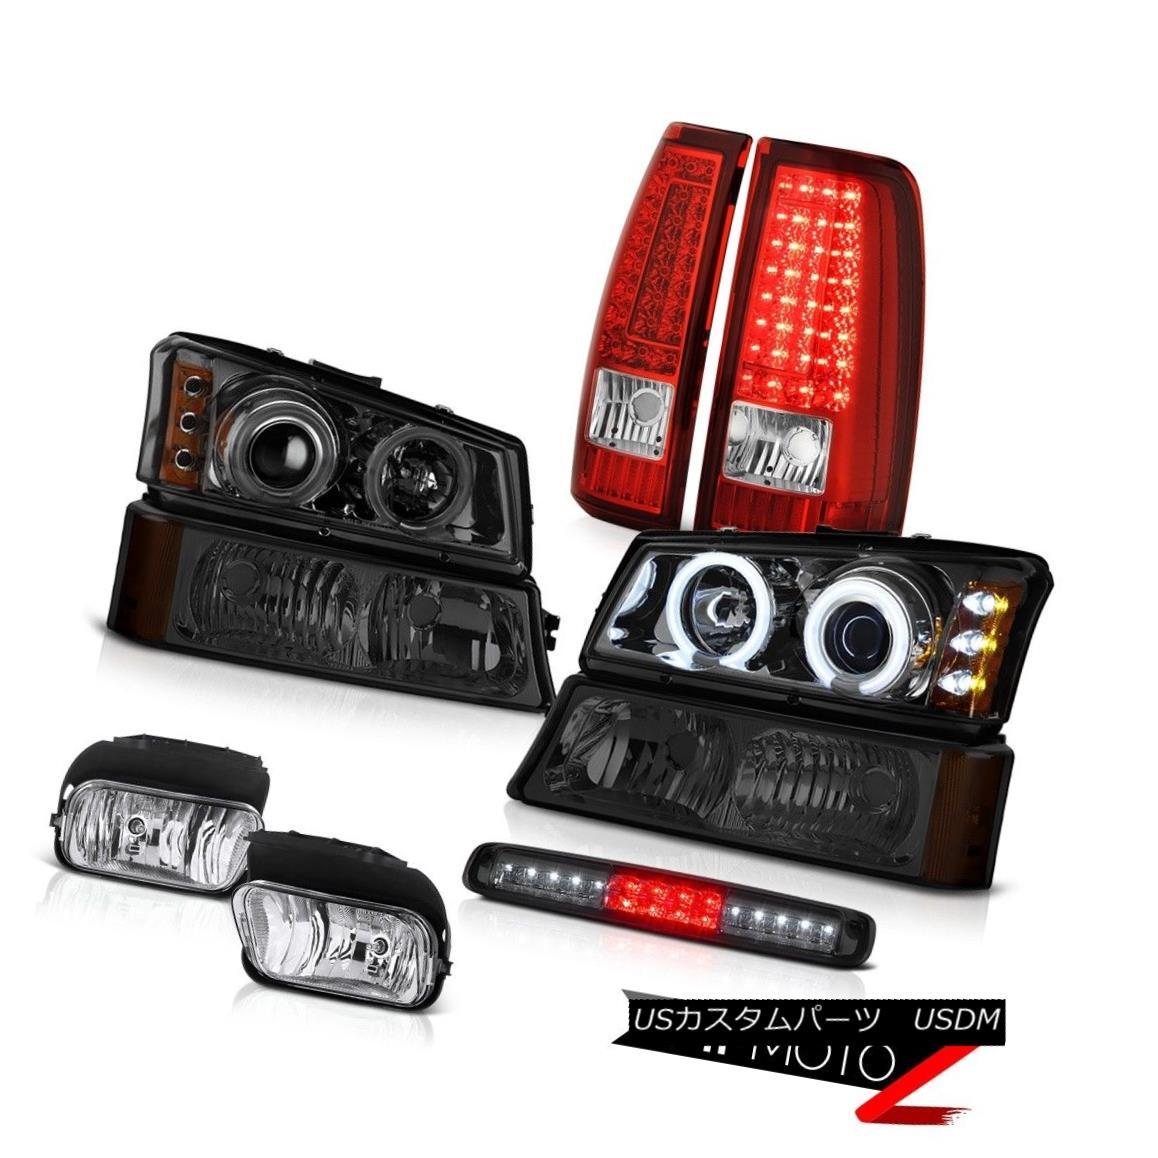 ヘッドライト 03-06 Silverado 1500 Third Brake Light Foglamps Red Rear Lamps Signal Headlights 03-06 Silverado 1500第3ブレーキライトフォグランプレッドリアライトシグナルヘッドライト